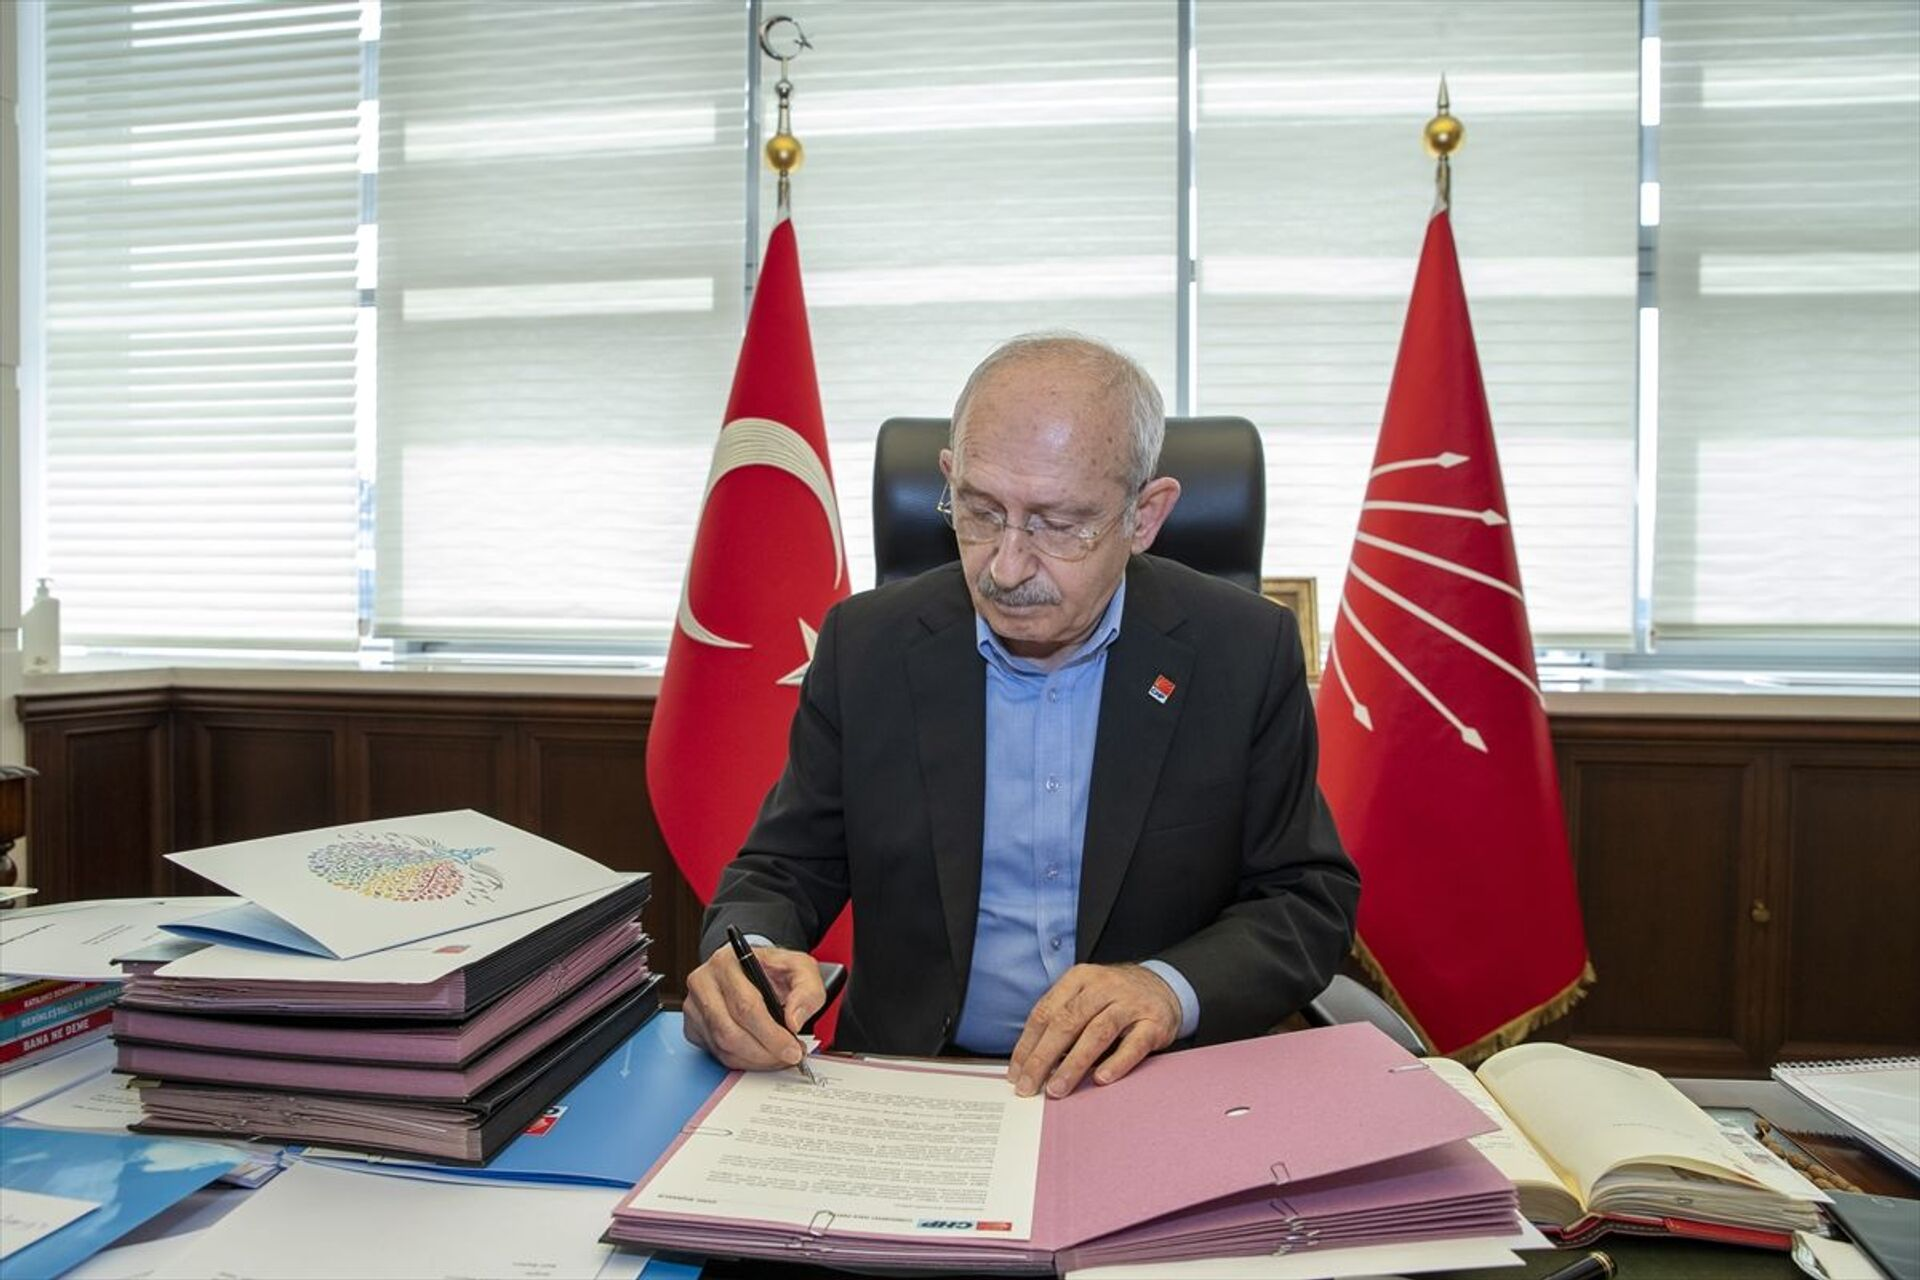 Kılıçdaroğlu: Sağlık emekçilerimize söz veriyorum, çalışma koşullarınızı iyileştireceğiz - Sputnik Türkiye, 1920, 14.03.2021